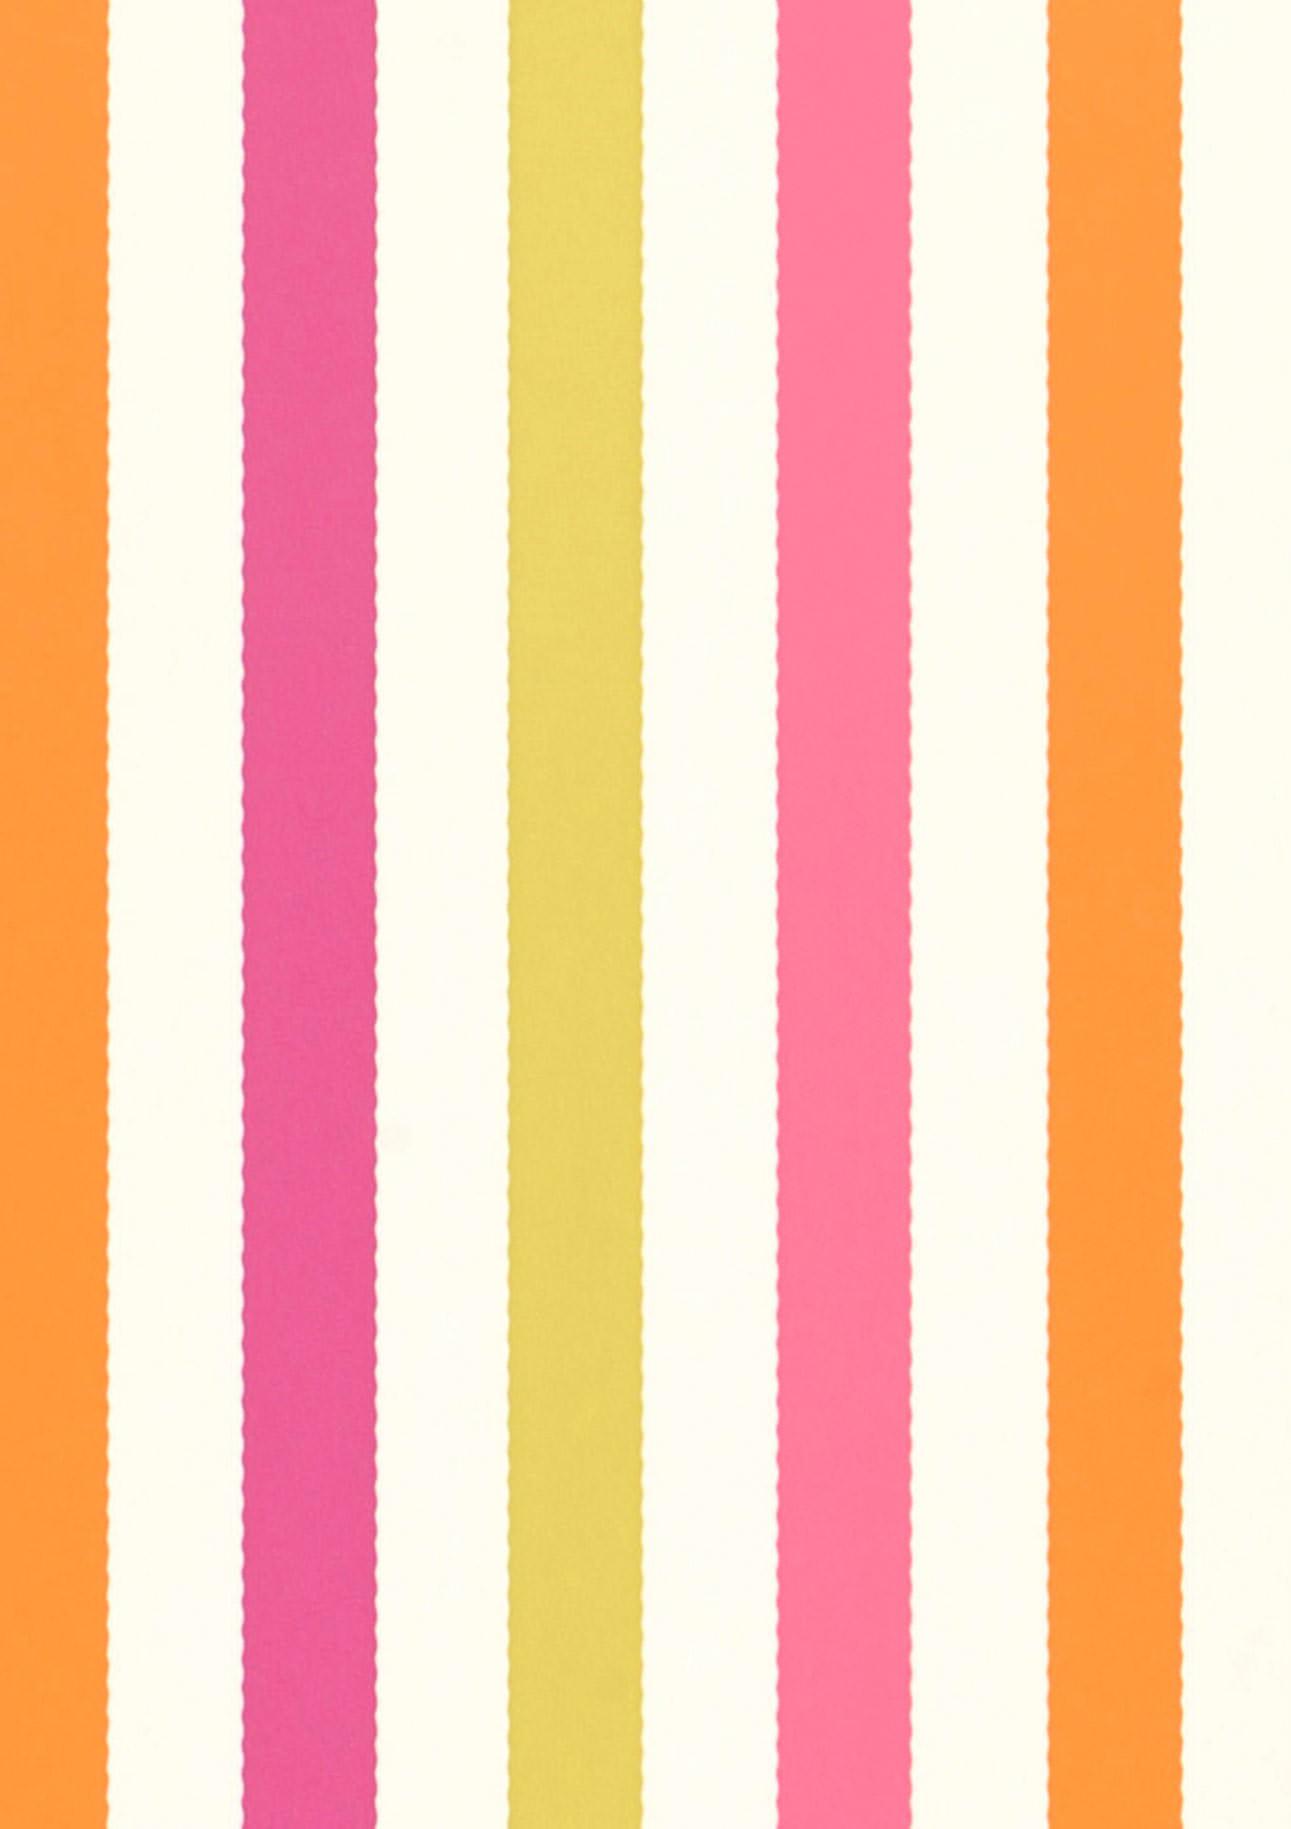 Papier peint hanka blanc cr me vert jaune magenta orange papier peint des ann es 70 - Largeur d un rouleau de papier peint ...